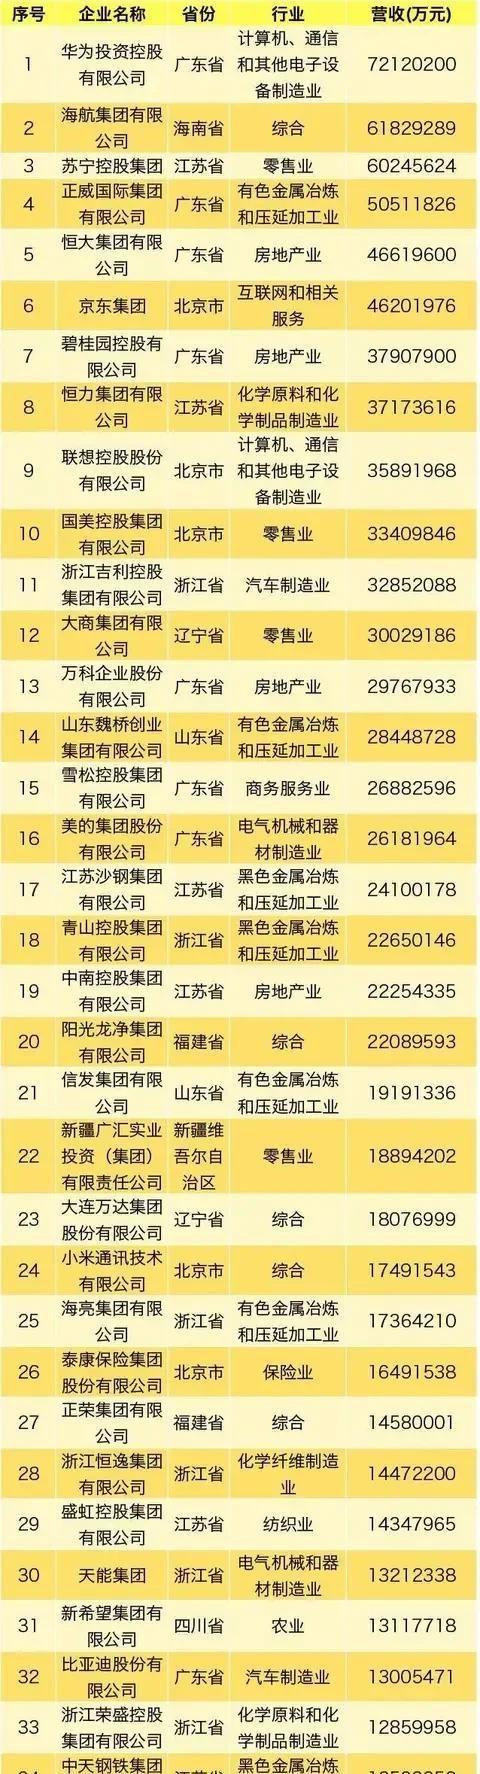 【民营企业】2019中国民营企业500强榜单,山西第一是